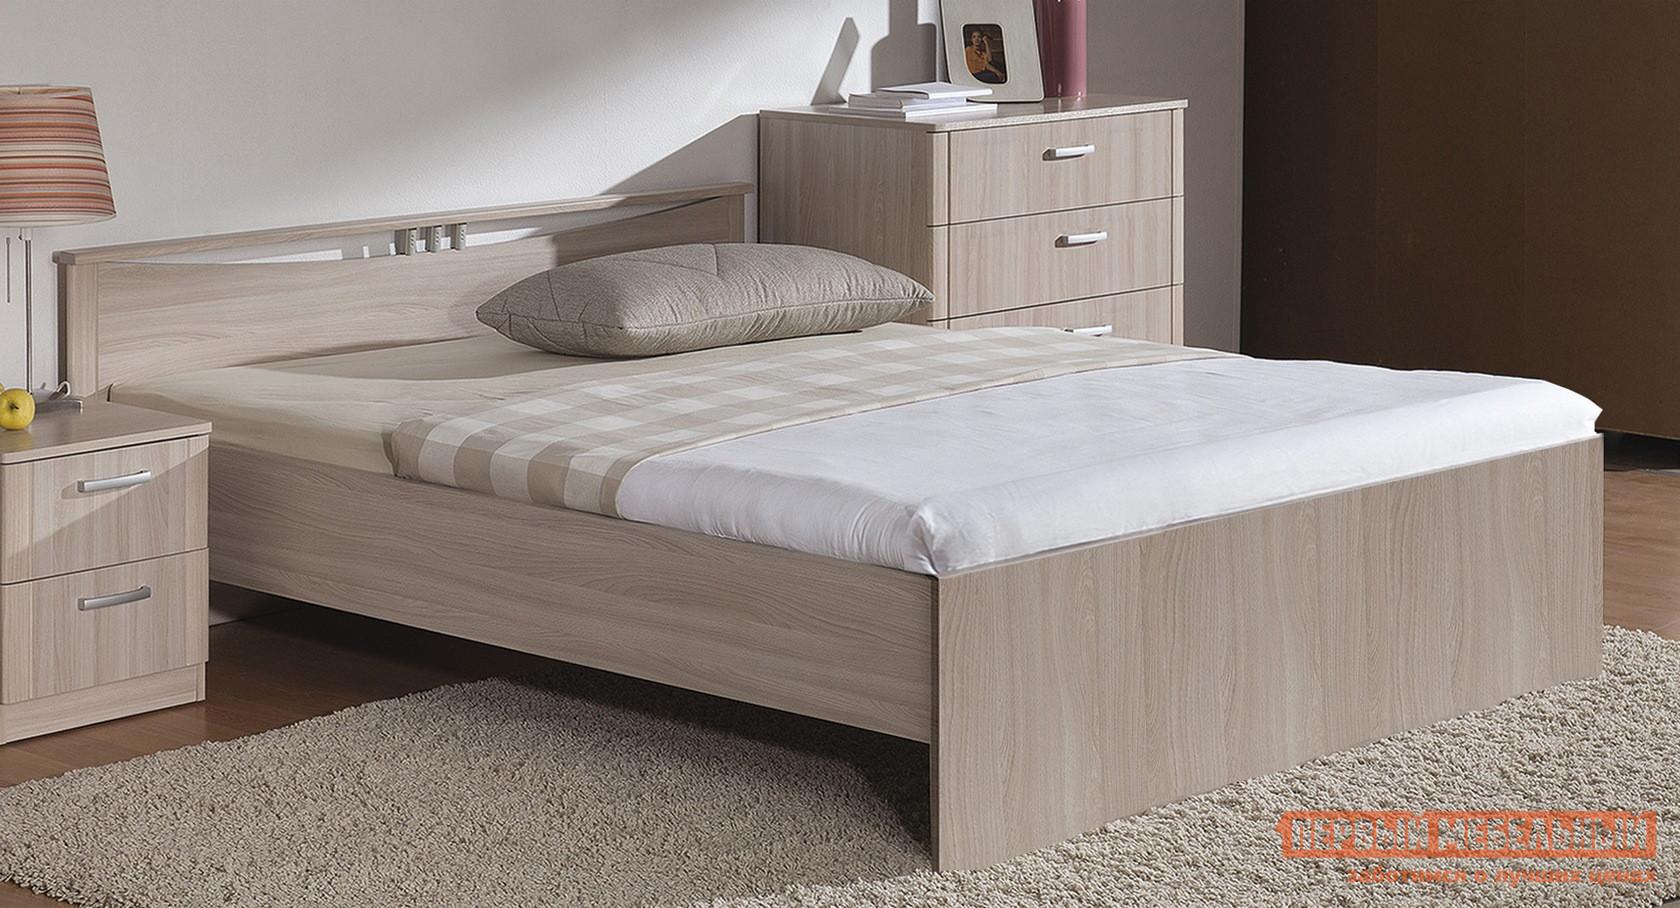 Кровать Боровичи Мелисса Шимо светлый, Спальное место 1600 X 2000 ммДвуспальные кровати<br>Габаритные размеры ВхШхГ 710x900 / 1700x2100 мм. Большая двуспальная кровать, выполненная в классическом стиле, позволит создать уютную обстановку для сна и отдыха в спальне. Изголовье оформлено изящным вырезом с декоративными элементами. Боковые части каркаса имеют обрамления из массива березы, которые обеспечивают прочность и износостойкость кровати. Основание кровати выполняется из деревянных брусьев.  Размеры спального места:1400 х 2000 мм;1600 х 2000 мм. Обратите внимание! Кровать продается без матраса, подходящие варианты матрасов вы можете найти в разделе «Аксессуары». Кровать выполнена из массива березы.<br><br>Цвет: Светлое дерево<br>Высота мм: 710<br>Ширина мм: 900 / 1700<br>Глубина мм: 2100<br>Форма поставки: В разобранном виде<br>Срок гарантии: 18 месяцев<br>Тип: Простые<br>Материал: Дерево<br>Материал: ЛДСП<br>Материал: Натуральное дерево<br>Порода дерева: Береза<br>Размер: Спальное место 140Х200<br>Размер: Спальное место 160Х200<br>С ортопедическим основанием: Да<br>На ножках: Да<br>Без изножья: Да<br>Без подъемного механизма: Да